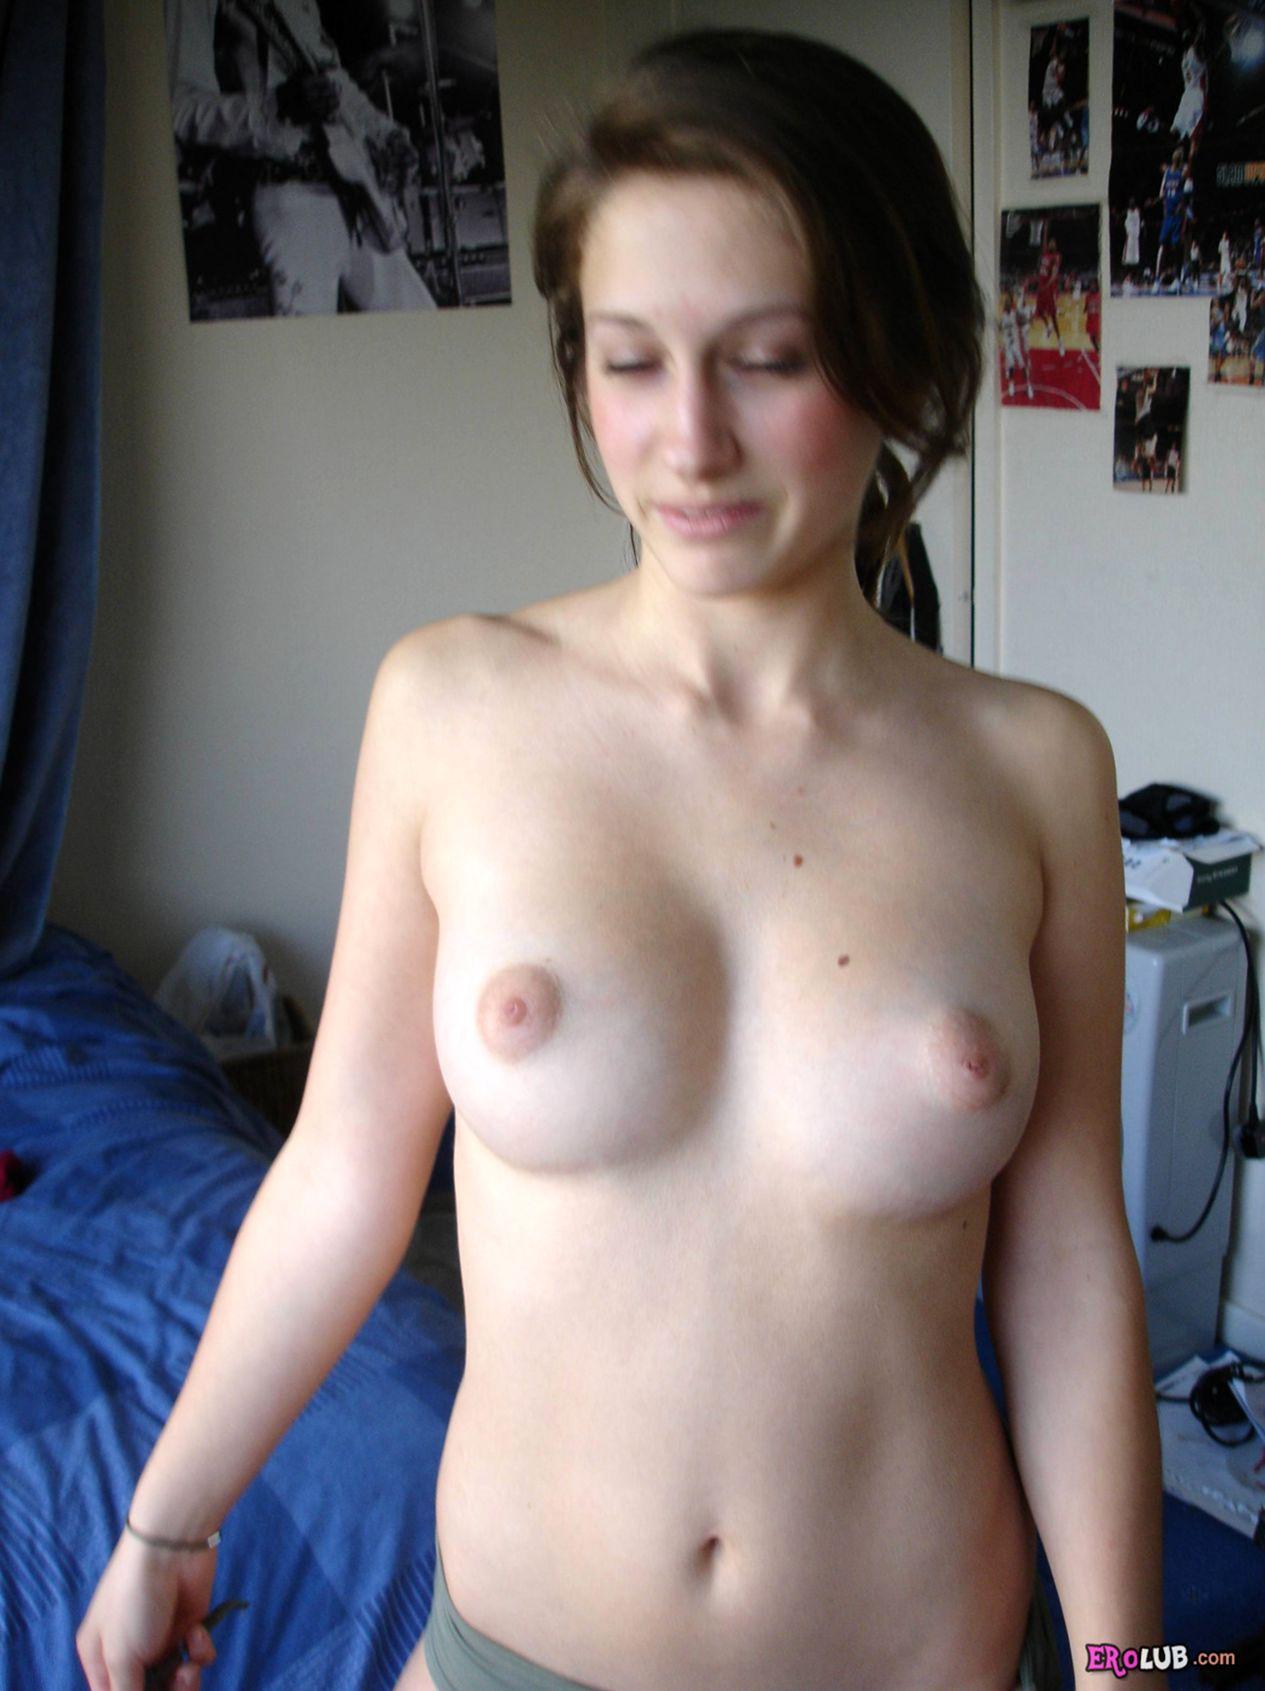 Киски девушек  красивые голые киски женщин крупно